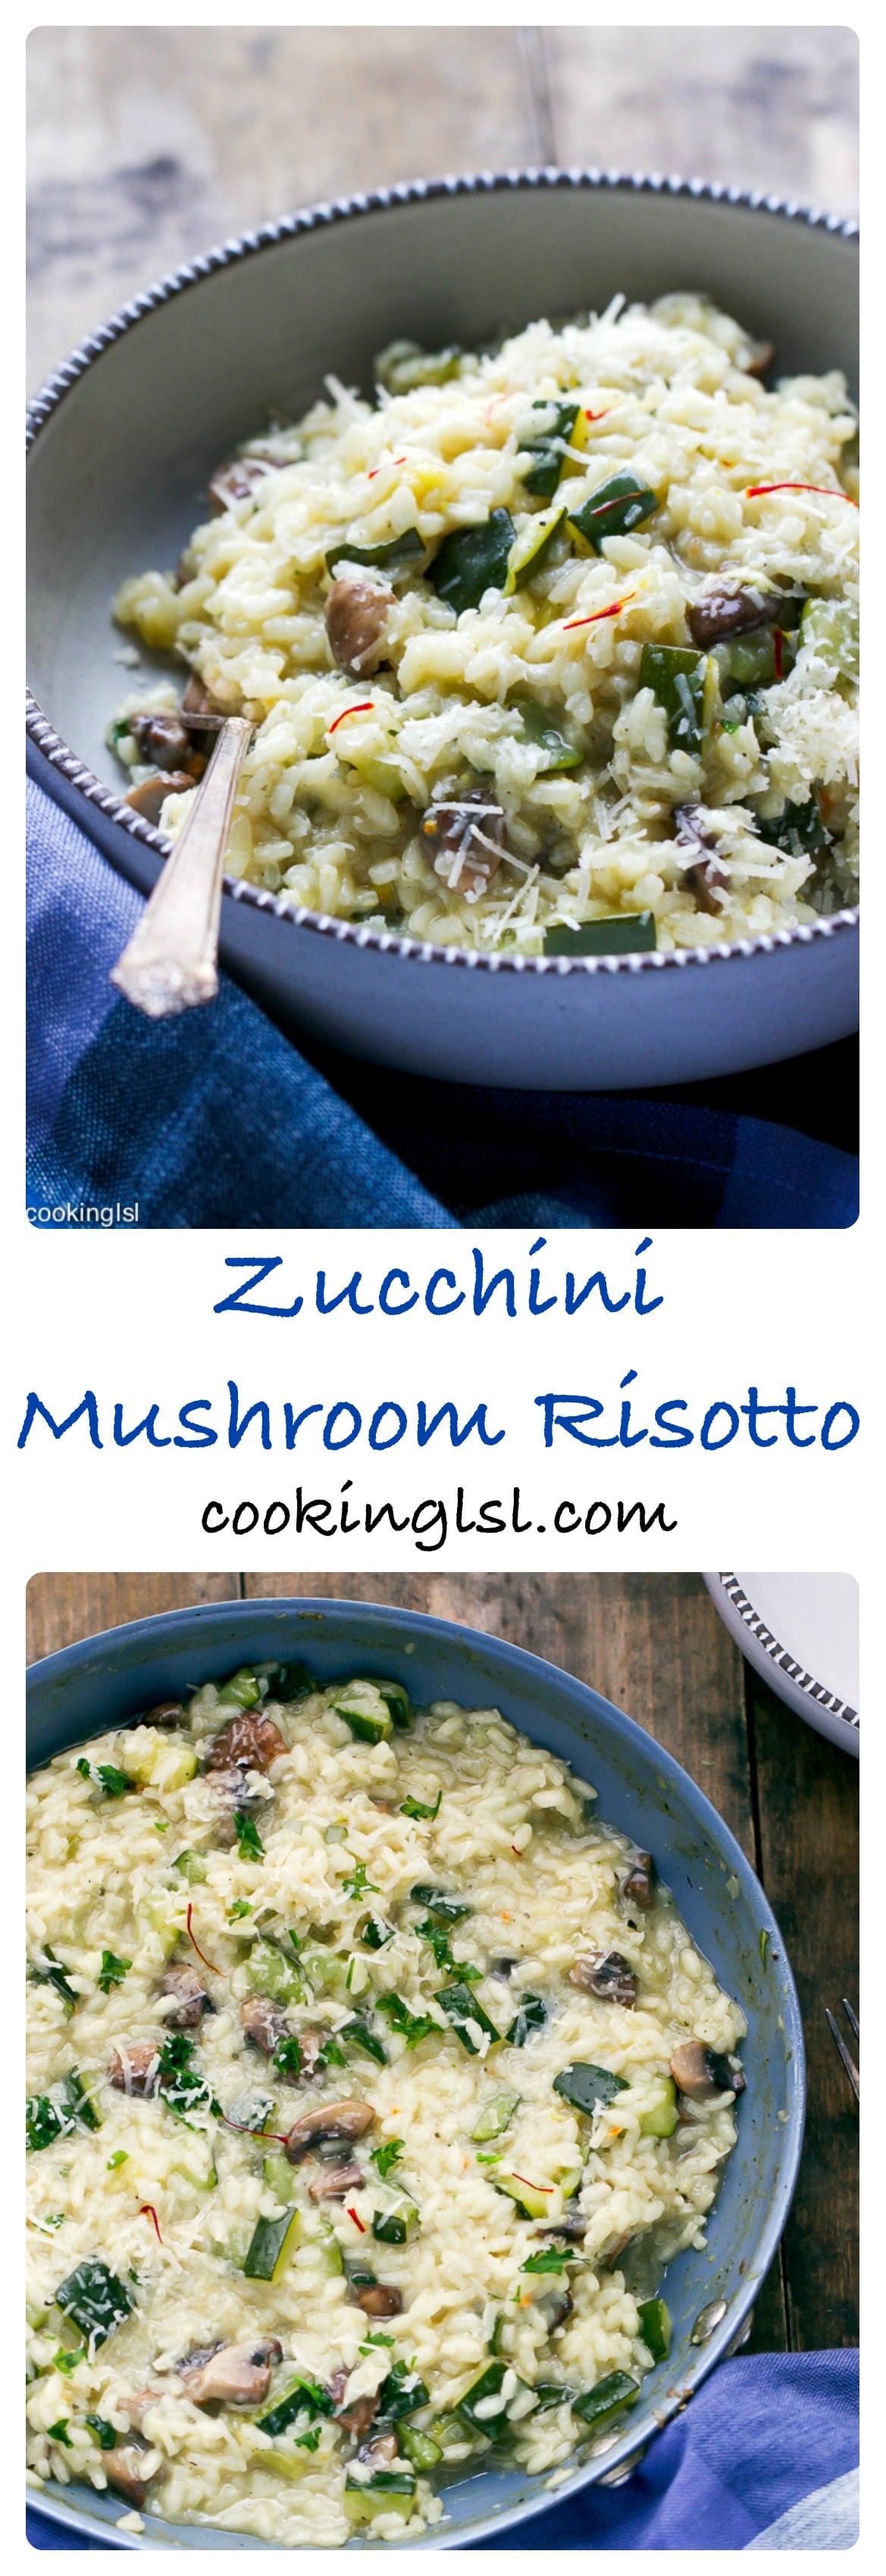 zucchini-mushroom-risotto-recipe